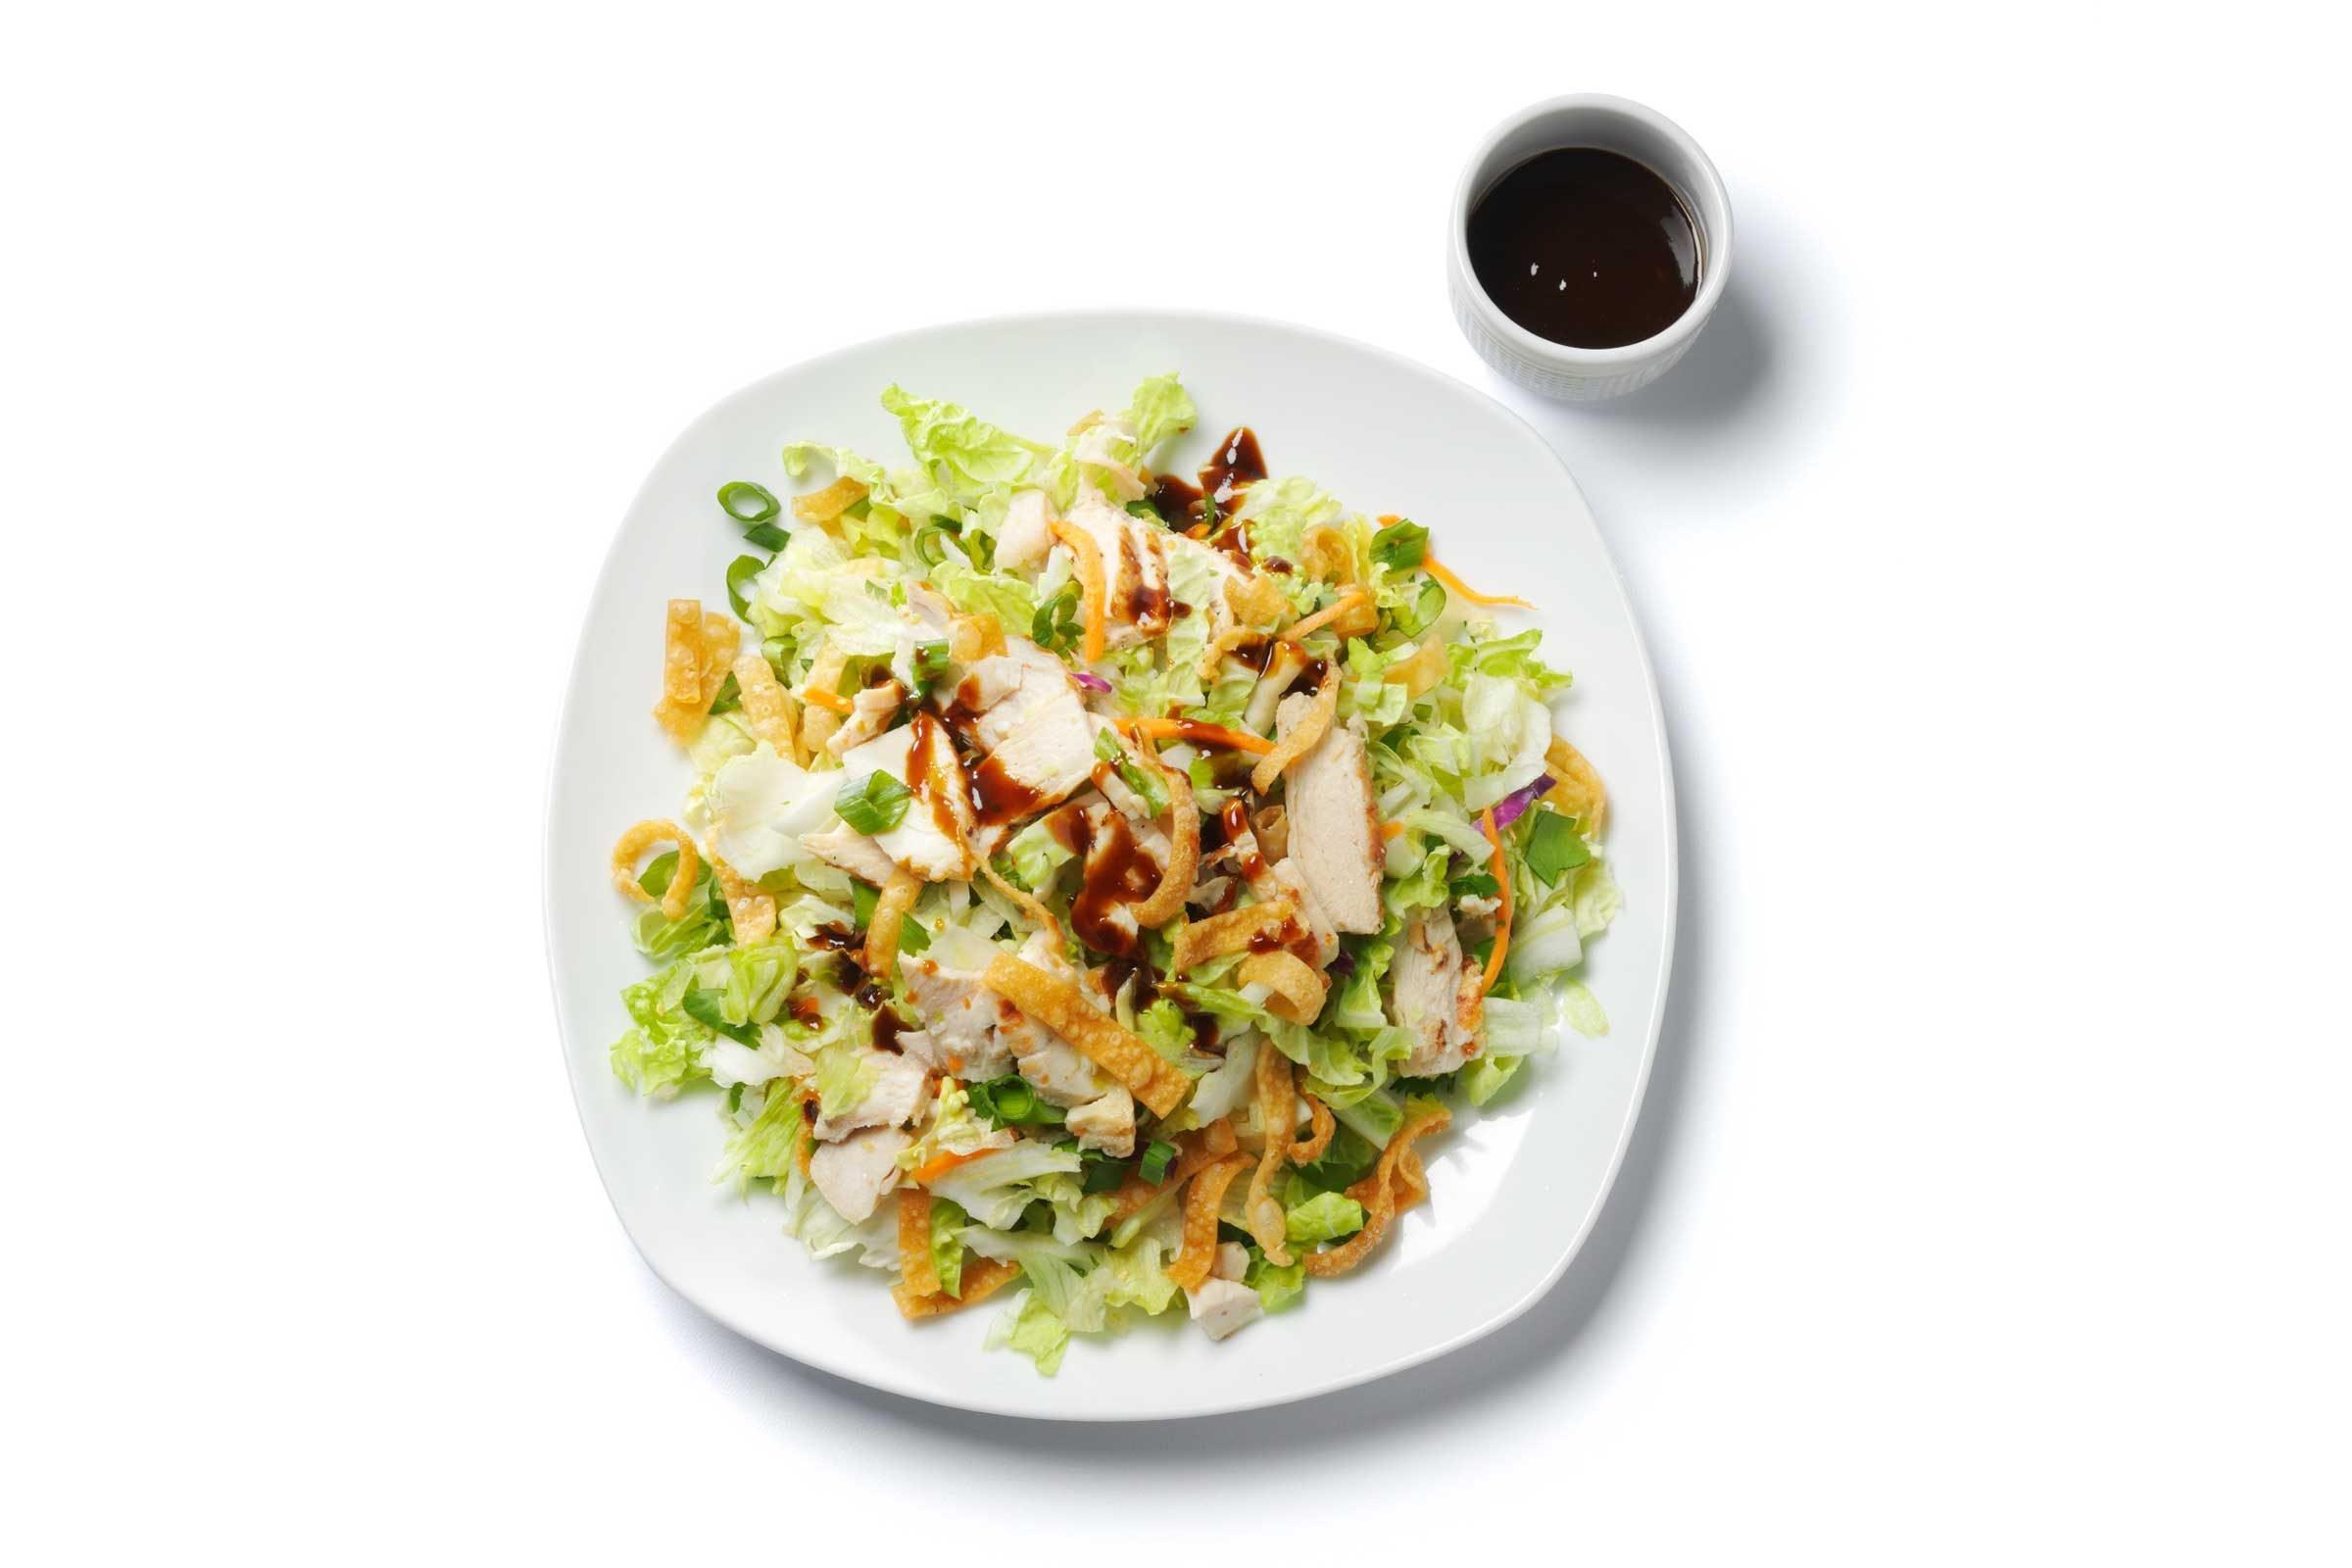 Watch Healthy Meals at Applebee's video